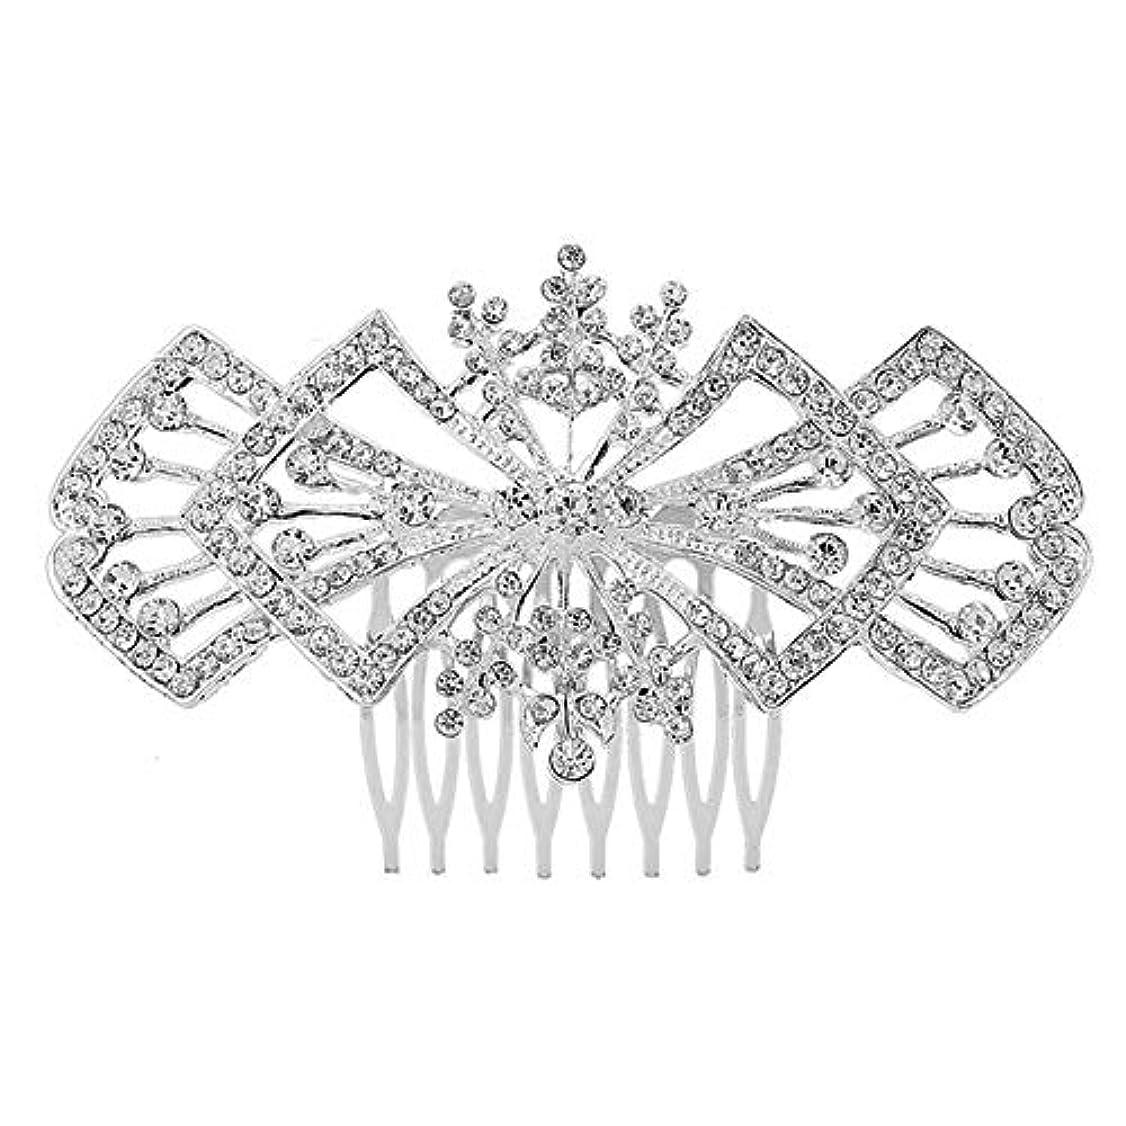 かまど不振看板髪の櫛の櫛の櫛の花嫁の髪の櫛の花の髪の櫛のラインストーンの挿入物の櫛の合金の帽子の結婚式の宝石類